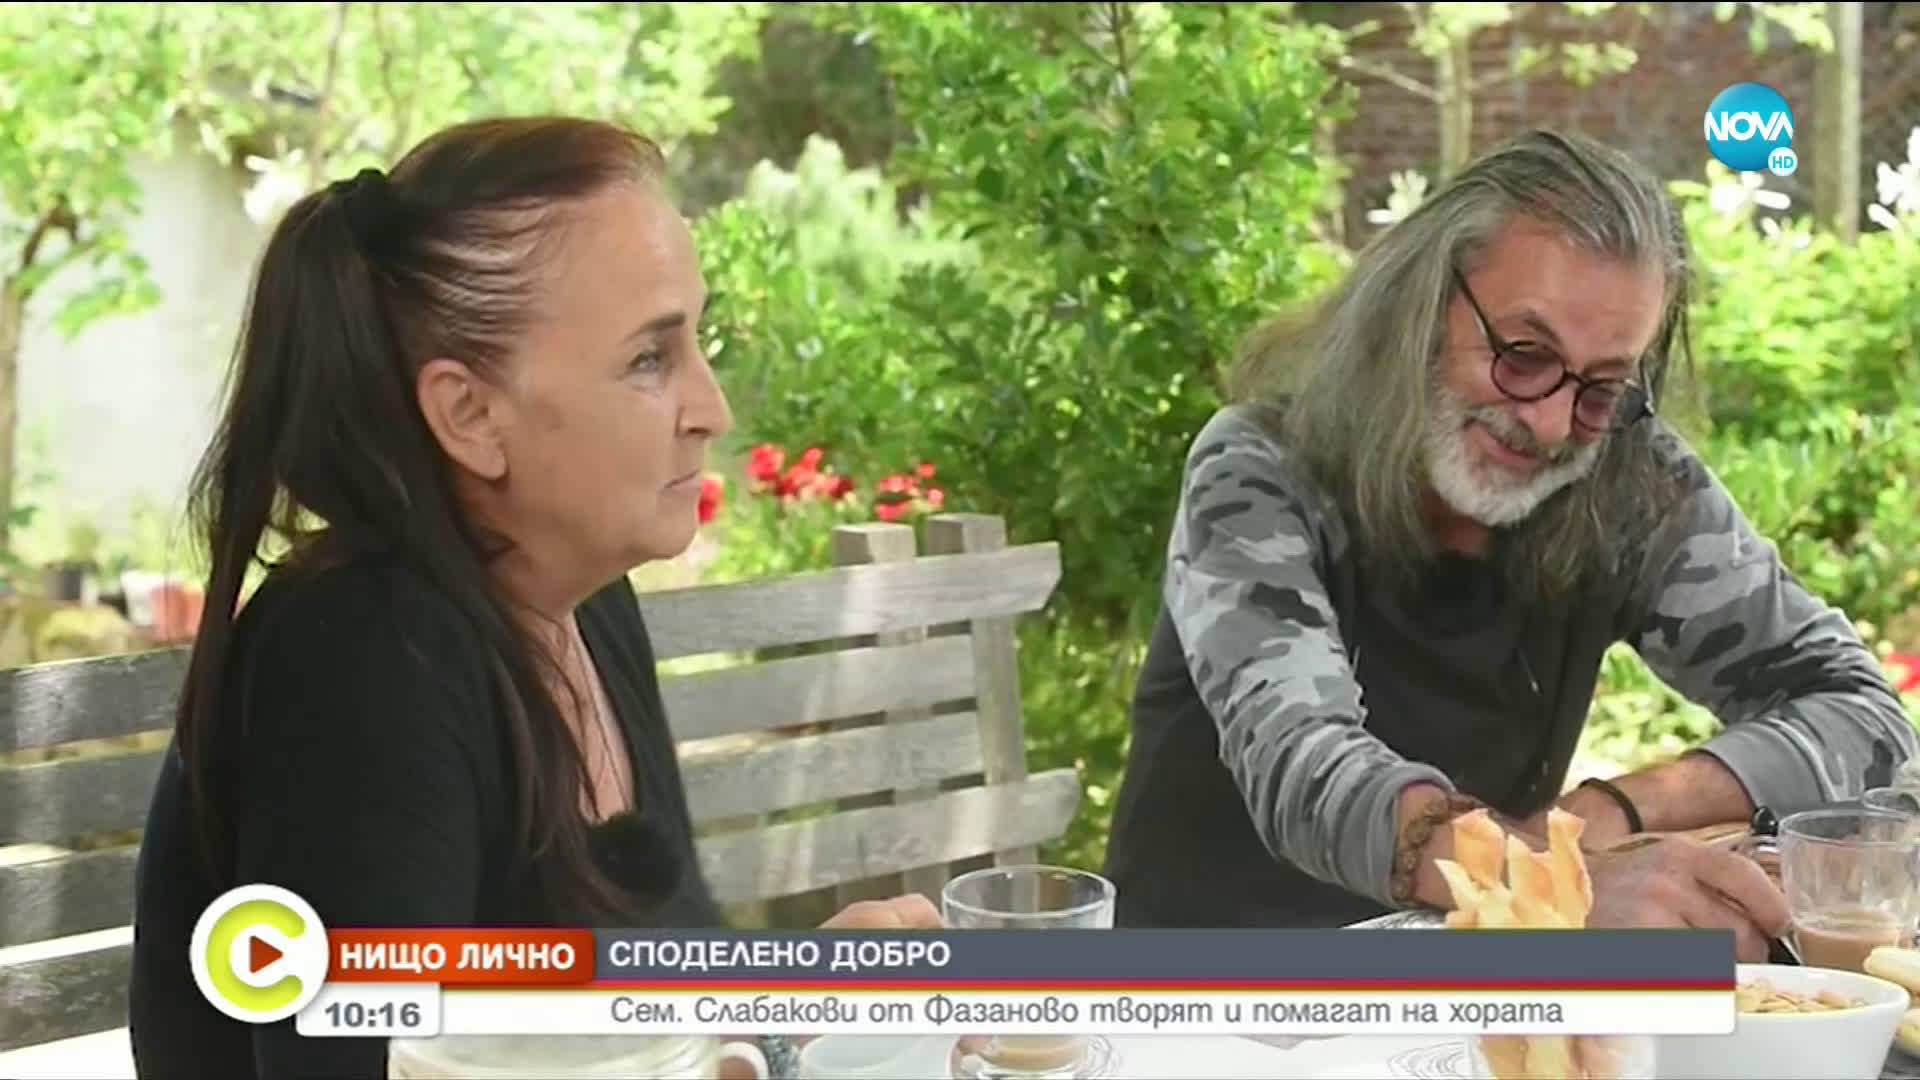 СПОДЕЛЕНО ДОБРО: Семейство Слабакови от Фазаново творят и помагат на хората